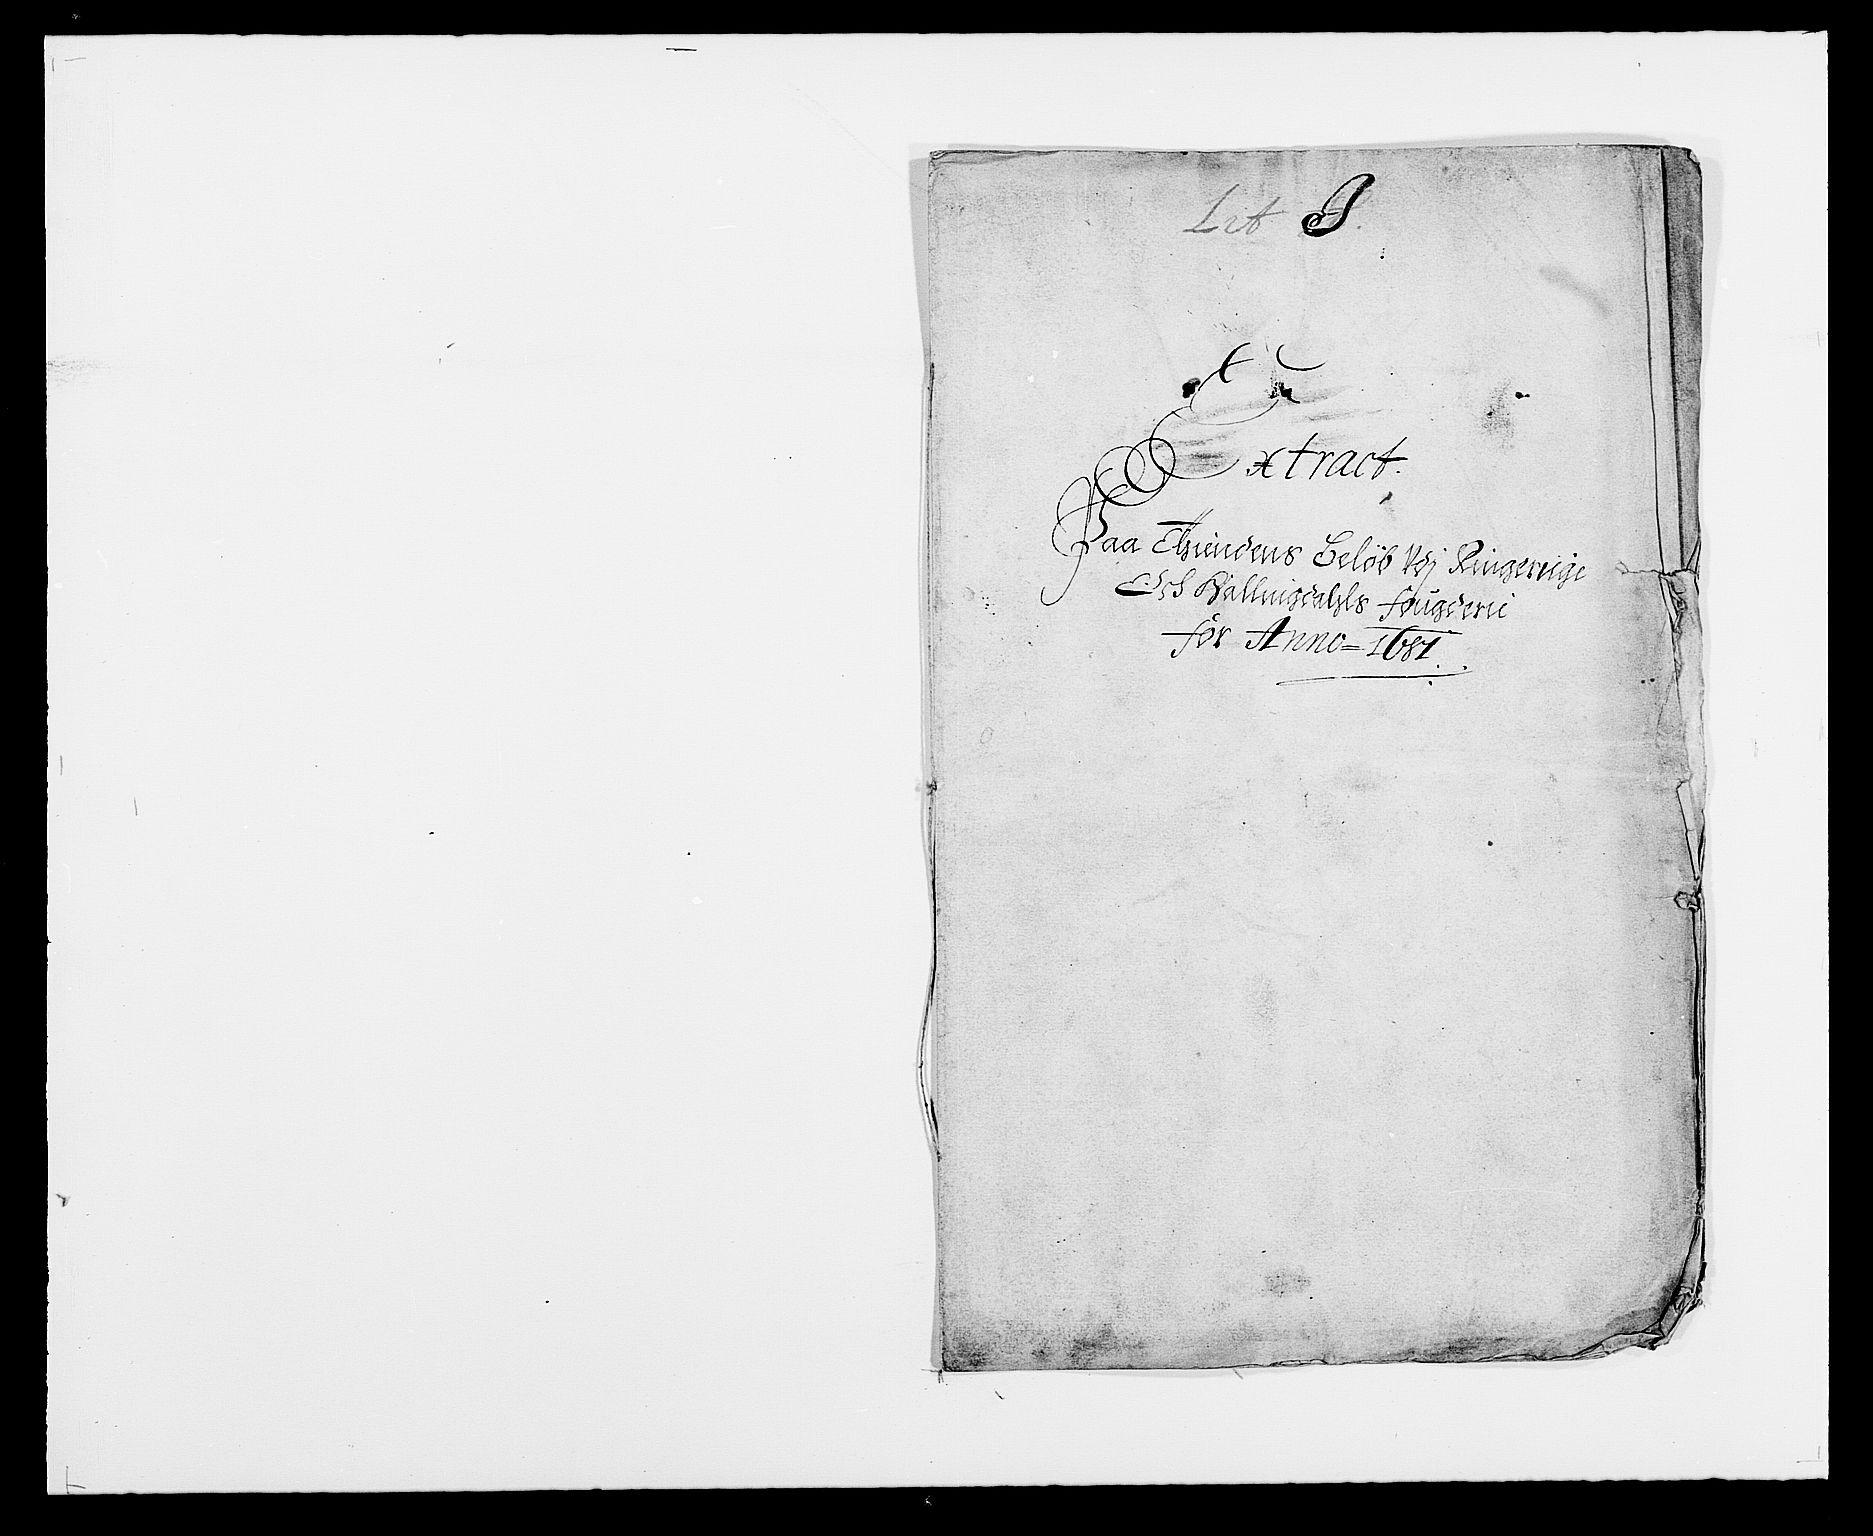 RA, Rentekammeret inntil 1814, Reviderte regnskaper, Fogderegnskap, R21/L1445: Fogderegnskap Ringerike og Hallingdal, 1681-1689, s. 203